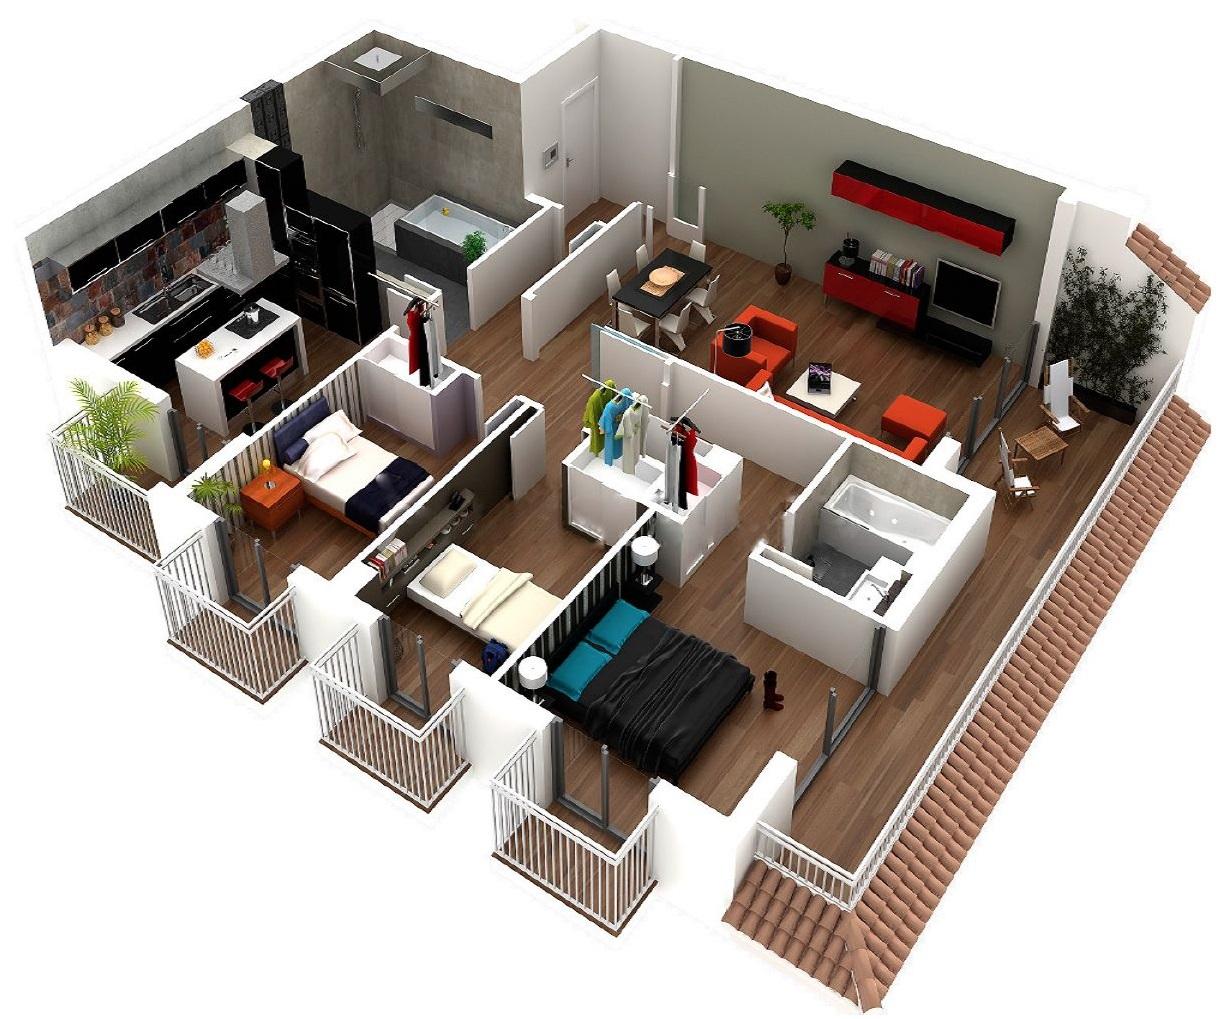 Departamento con 3 dormitorios y balcones